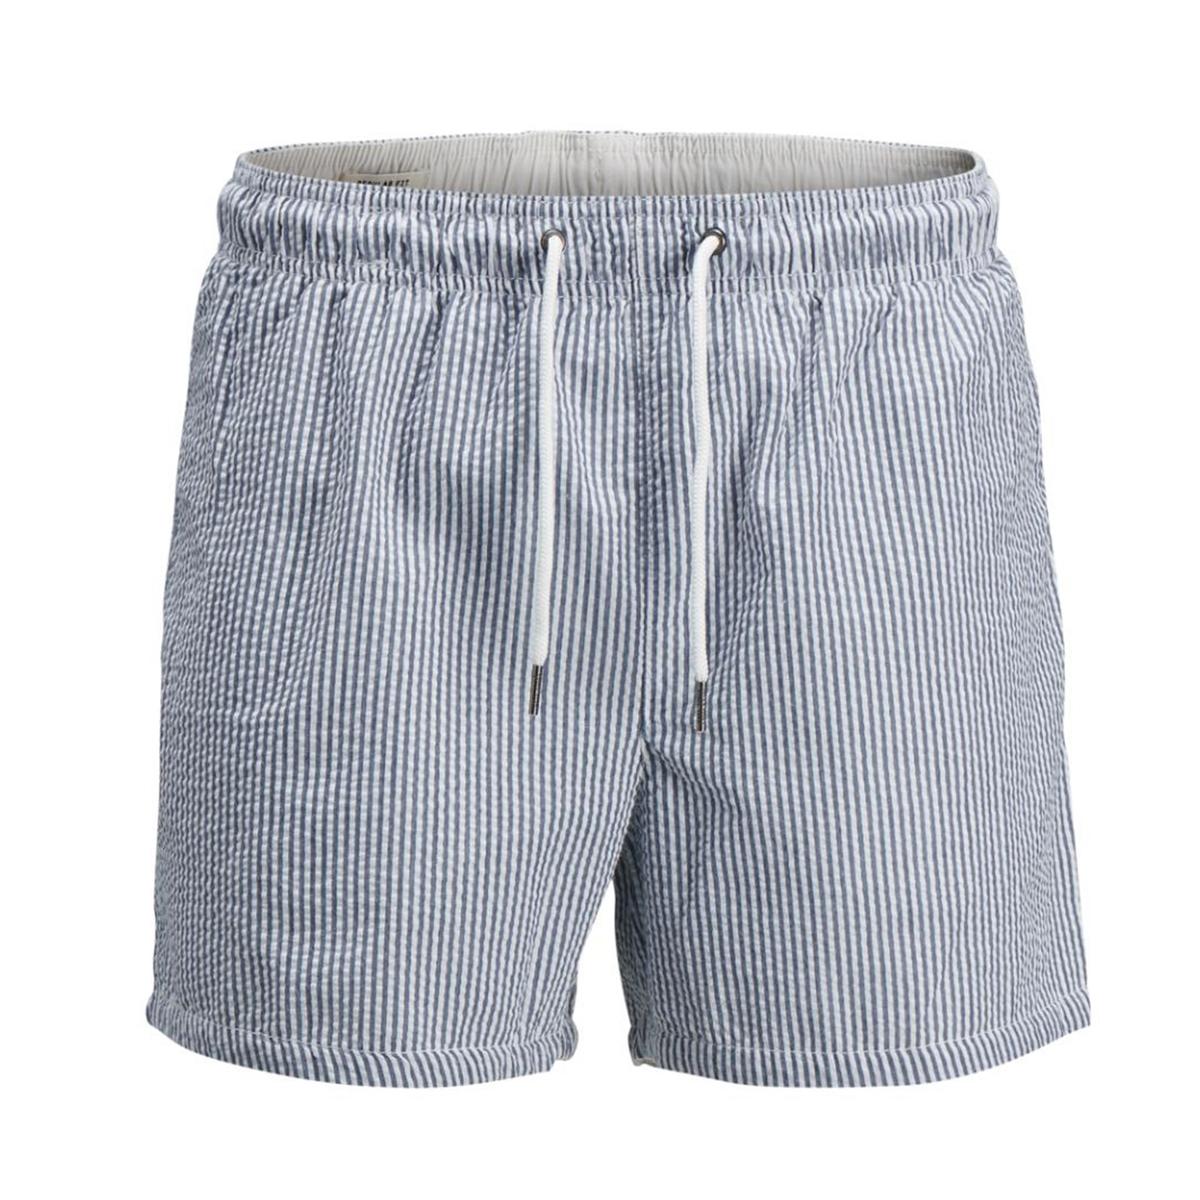 Шорты плавательные с принтом в полоску шорты пляжные rip curl mirage mission black